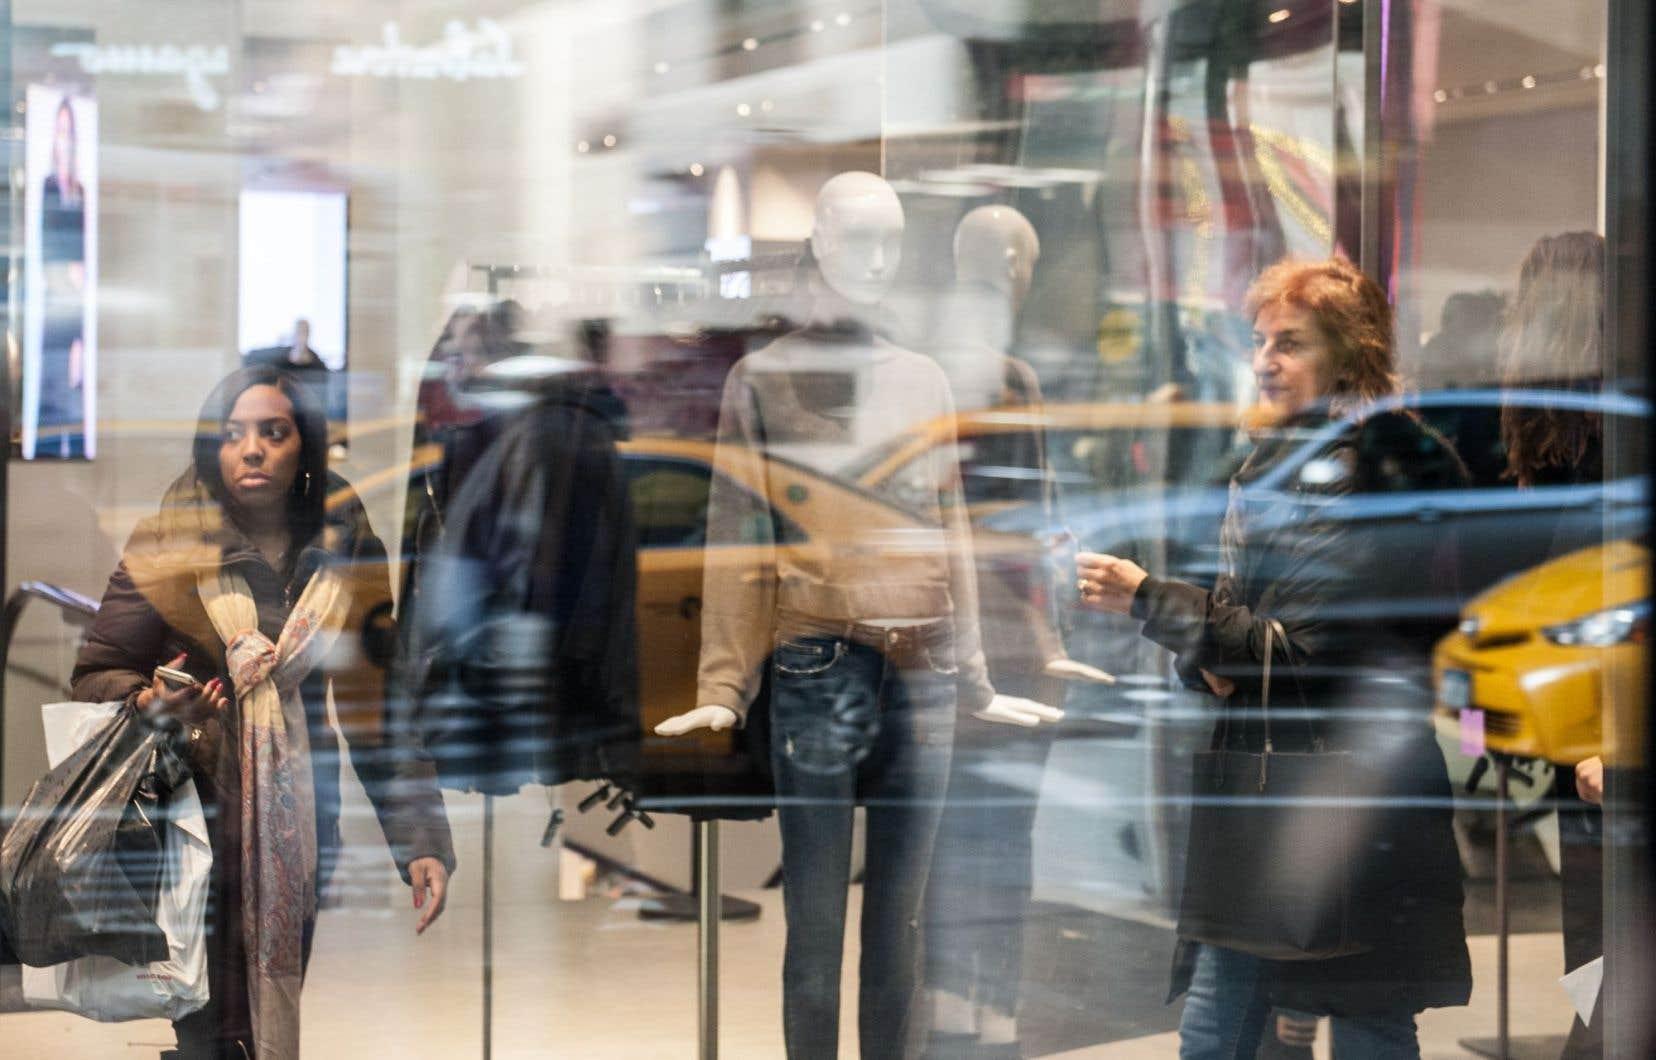 Au rang des bonnes nouvelles pour le dernier trimestre, les dépenses de consommation se sont bien comportées, progressant de 3%.